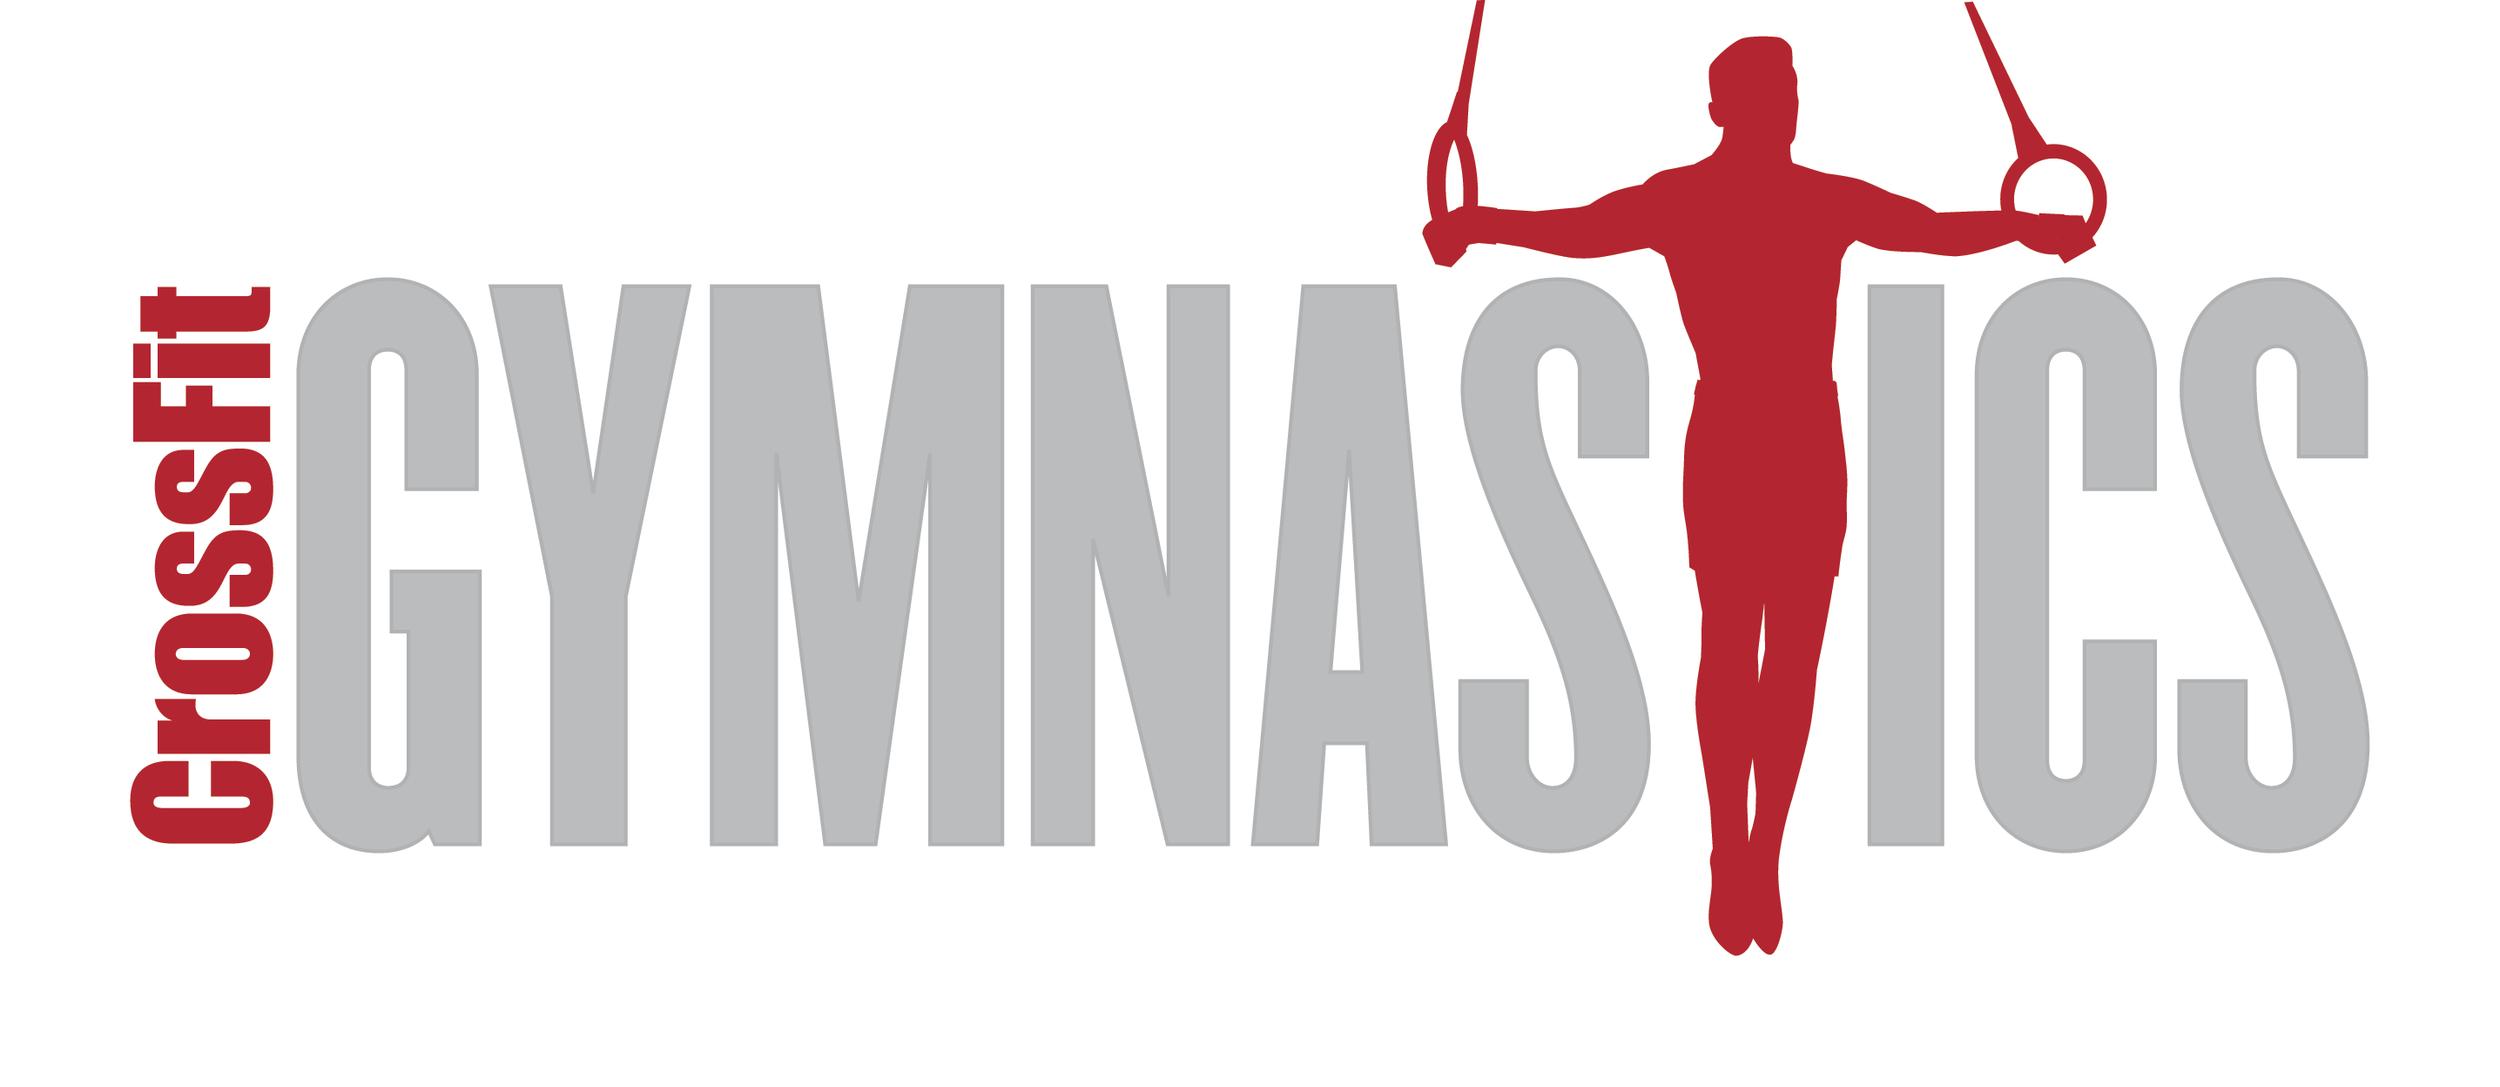 gymnastic cast diagram [ 1500 x 652 Pixel ]